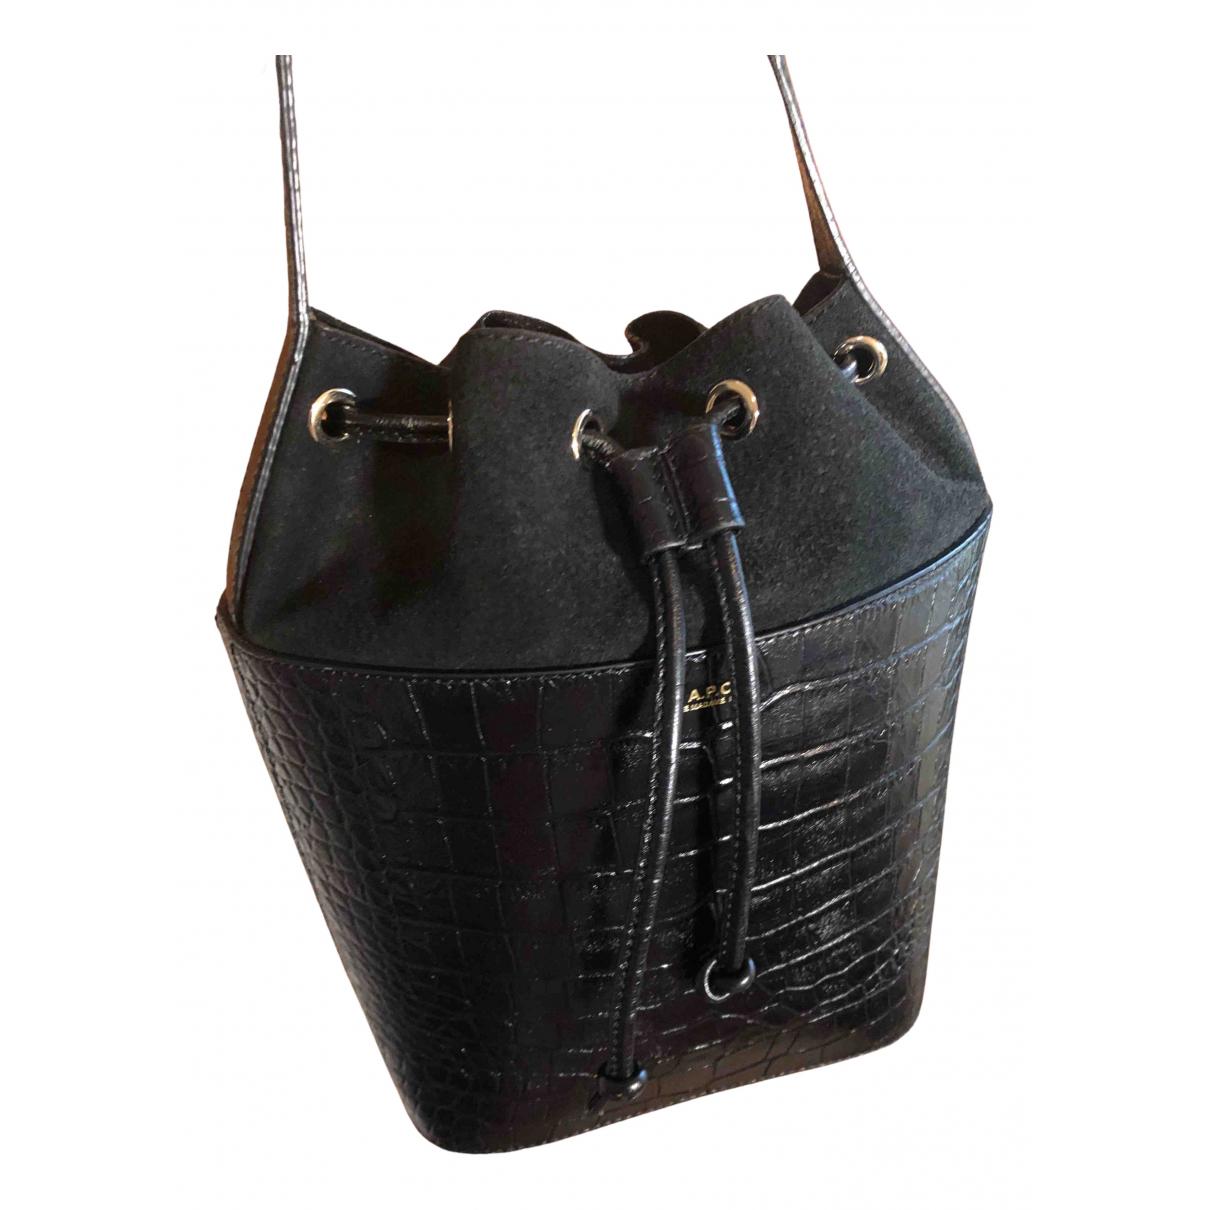 Apc - Sac a main   pour femme en cuir - noir